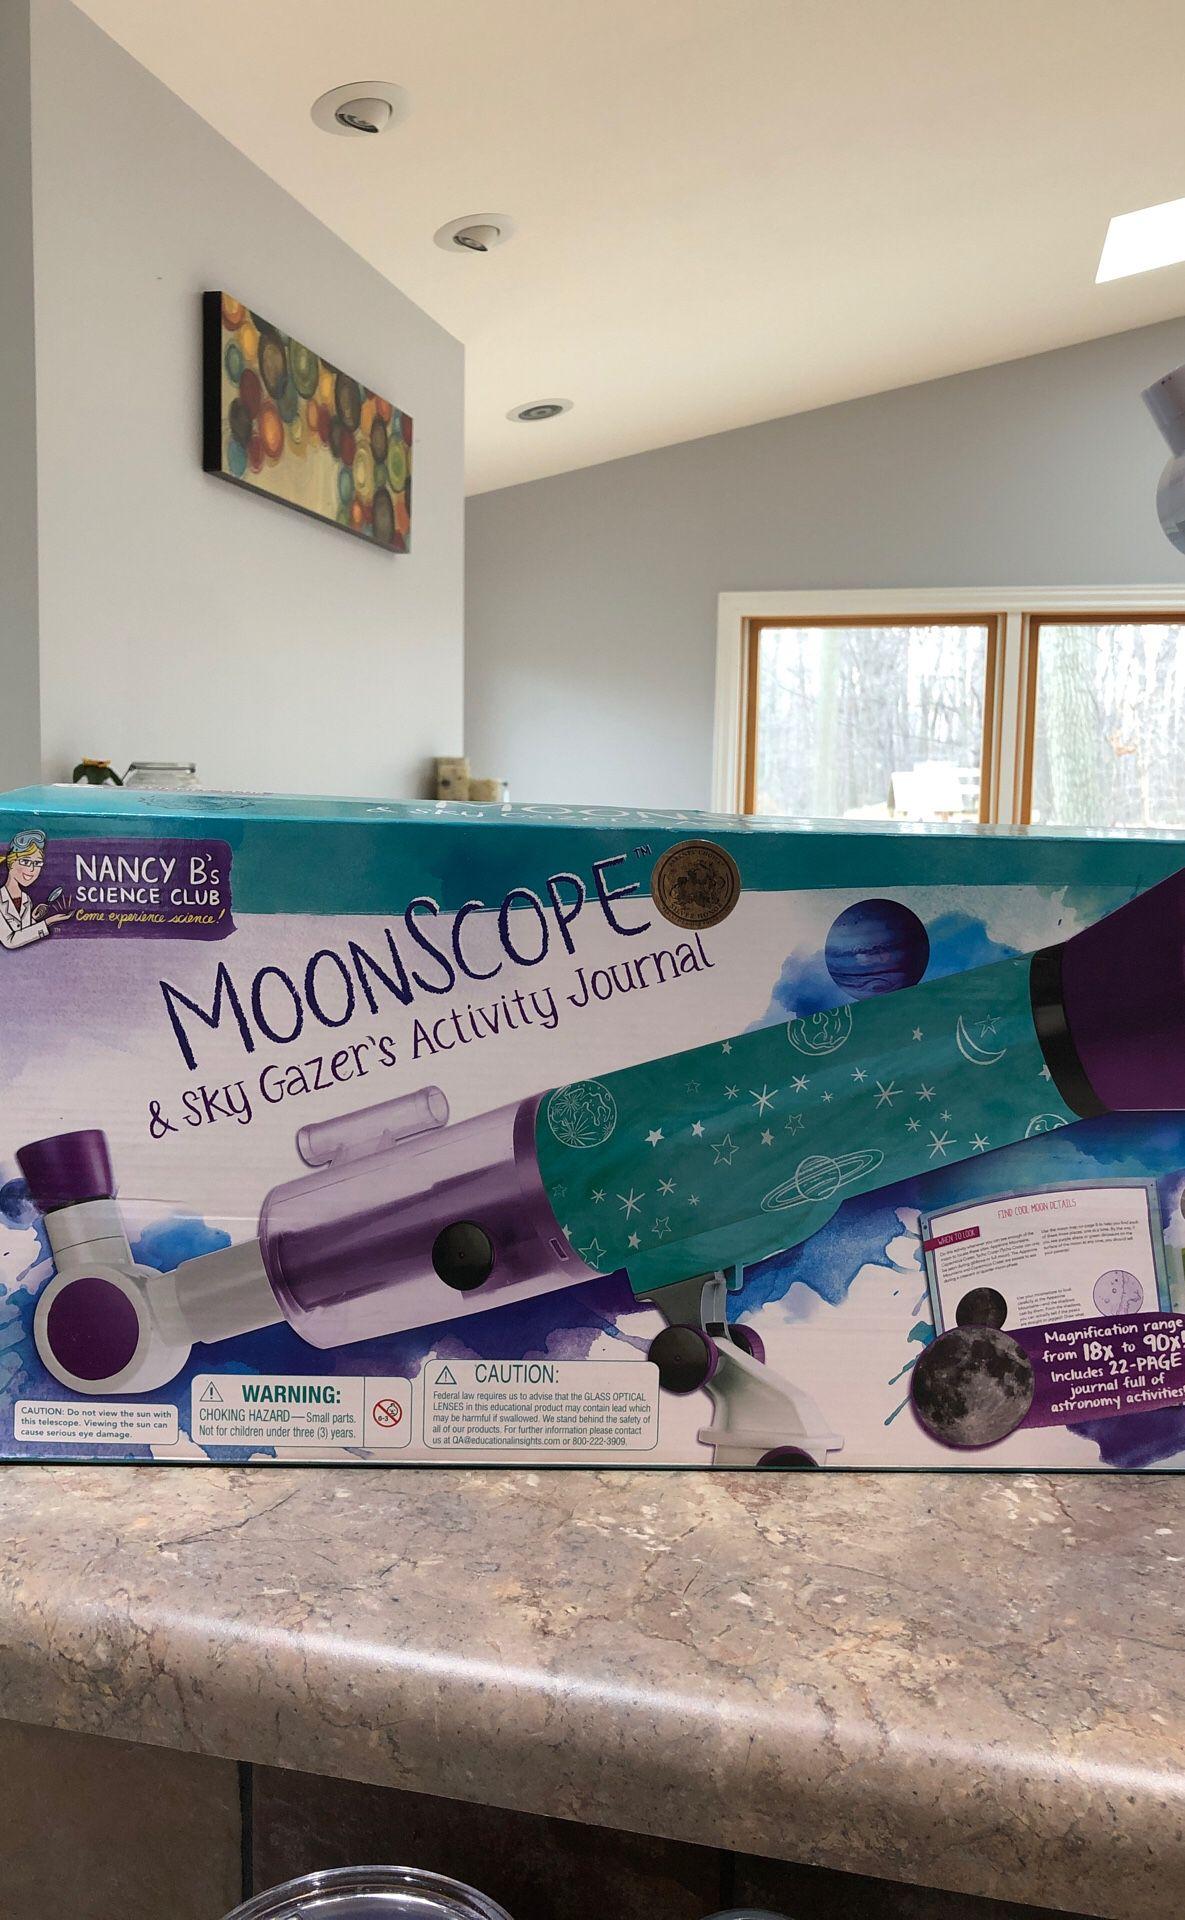 Nancy B's 🌙 moonscope & sky gazer